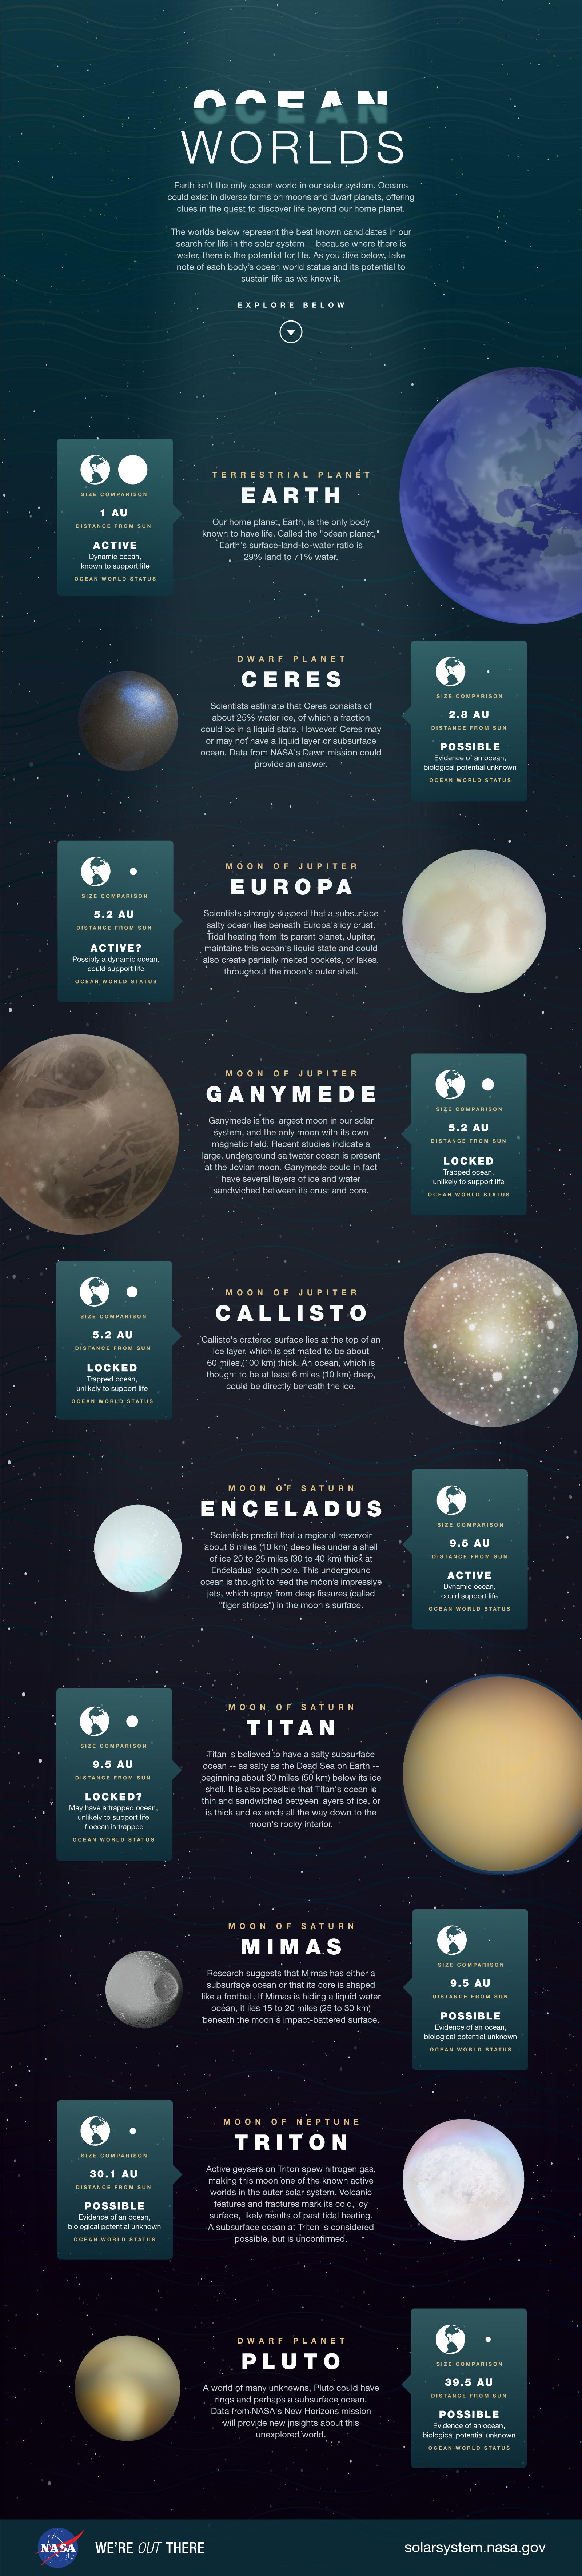 infographie-nasa-vie-extraterresstre